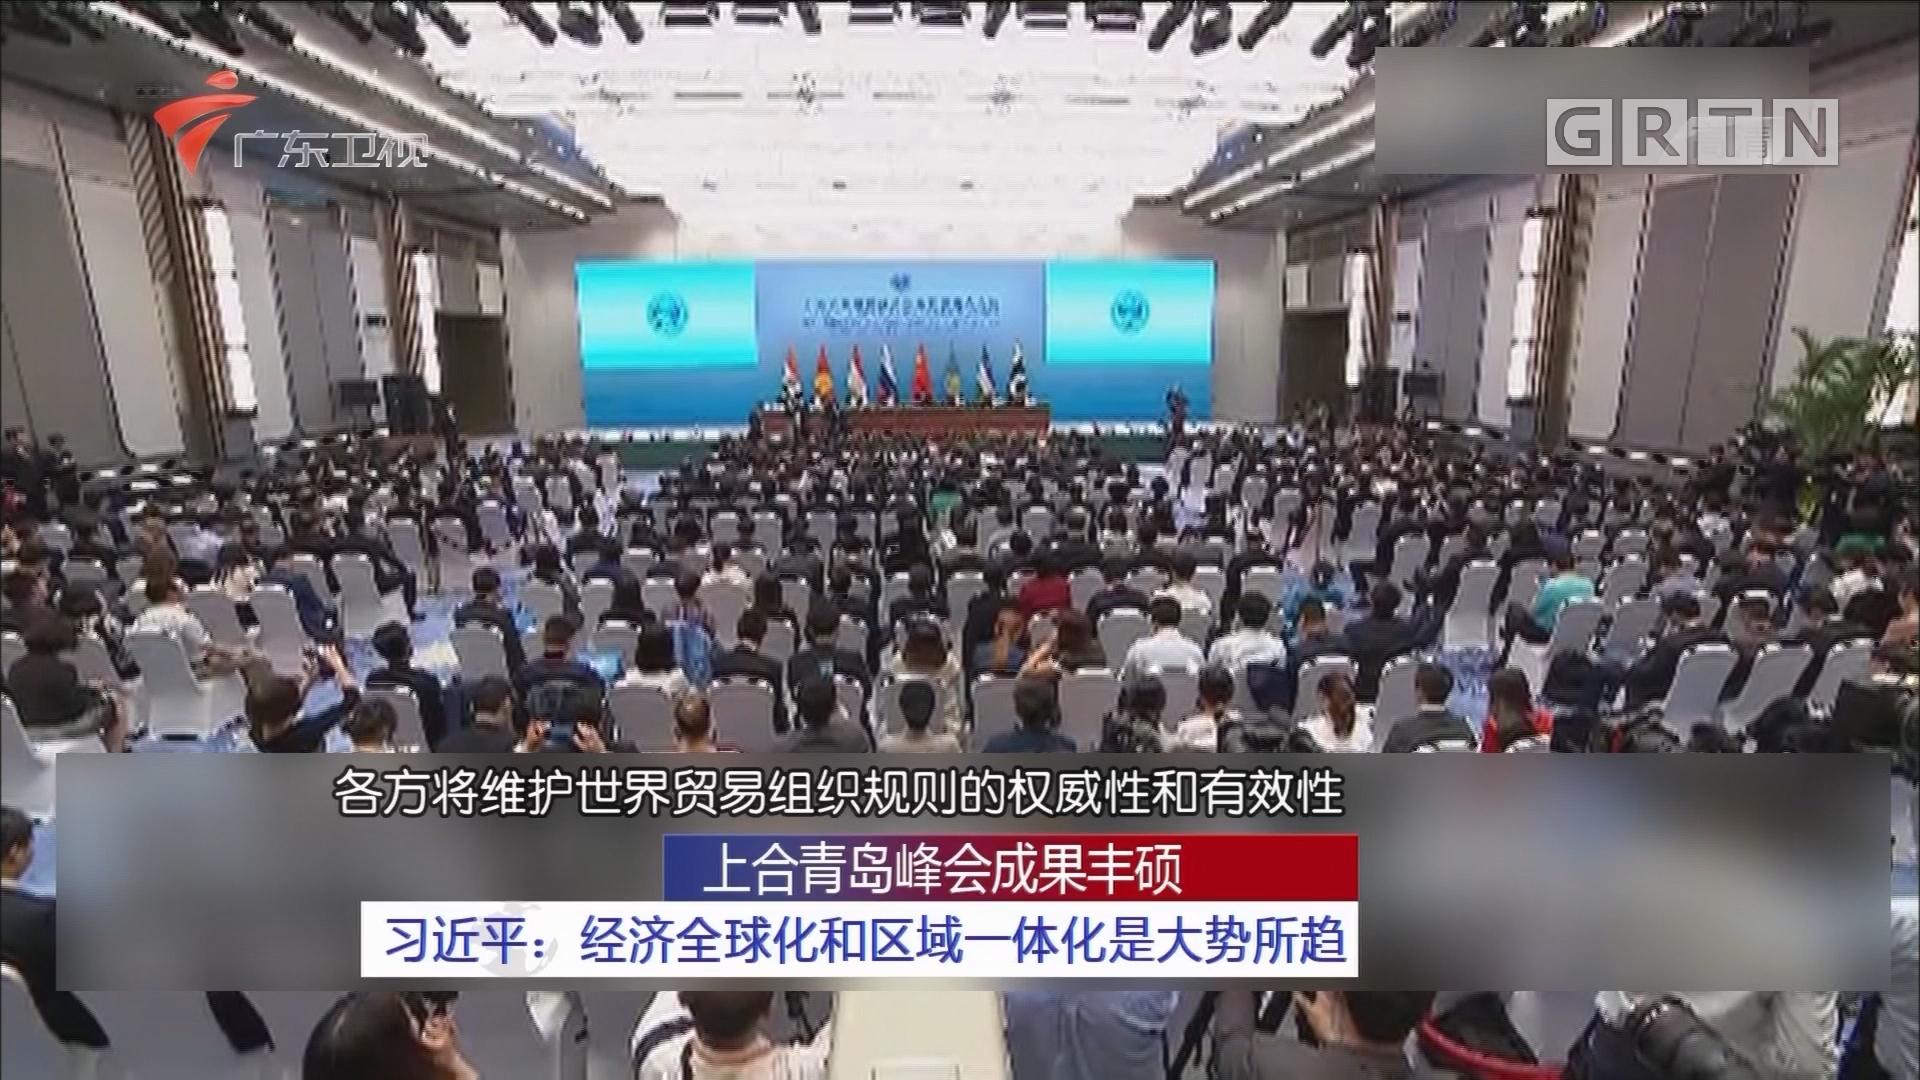 上合青岛峰会成果丰硕 习近平:经济全球化和区域一体化是大势所趋